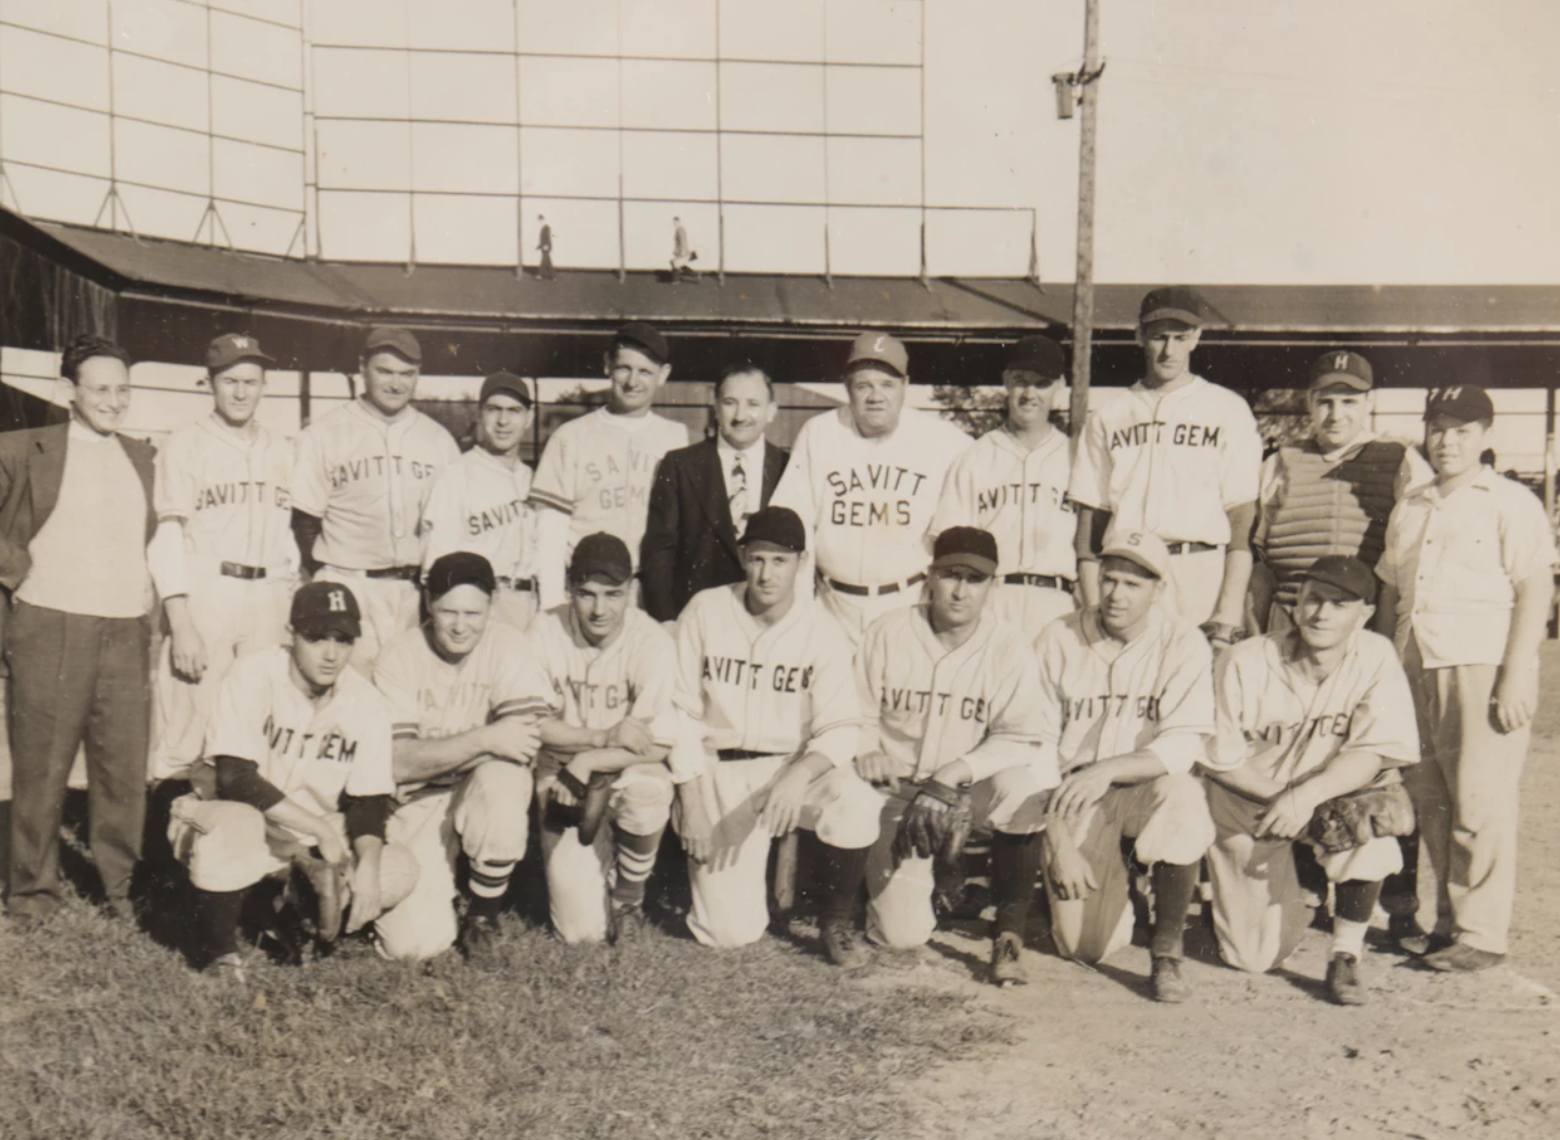 1945 Savitt Gems with Babe Ruth